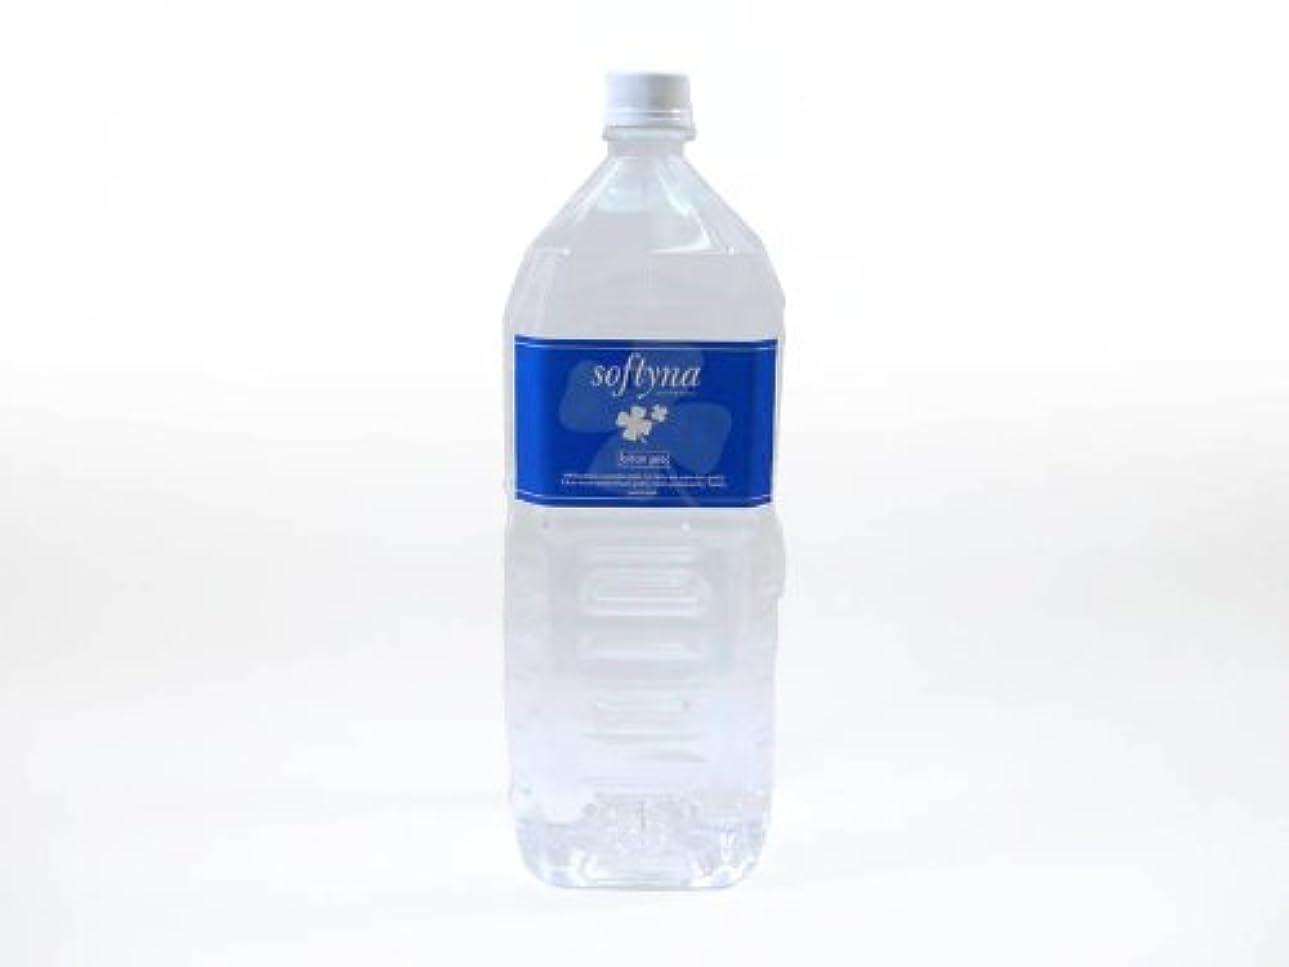 性差別反応する遅い業務用 ソフティナローション 2L 潤滑剤